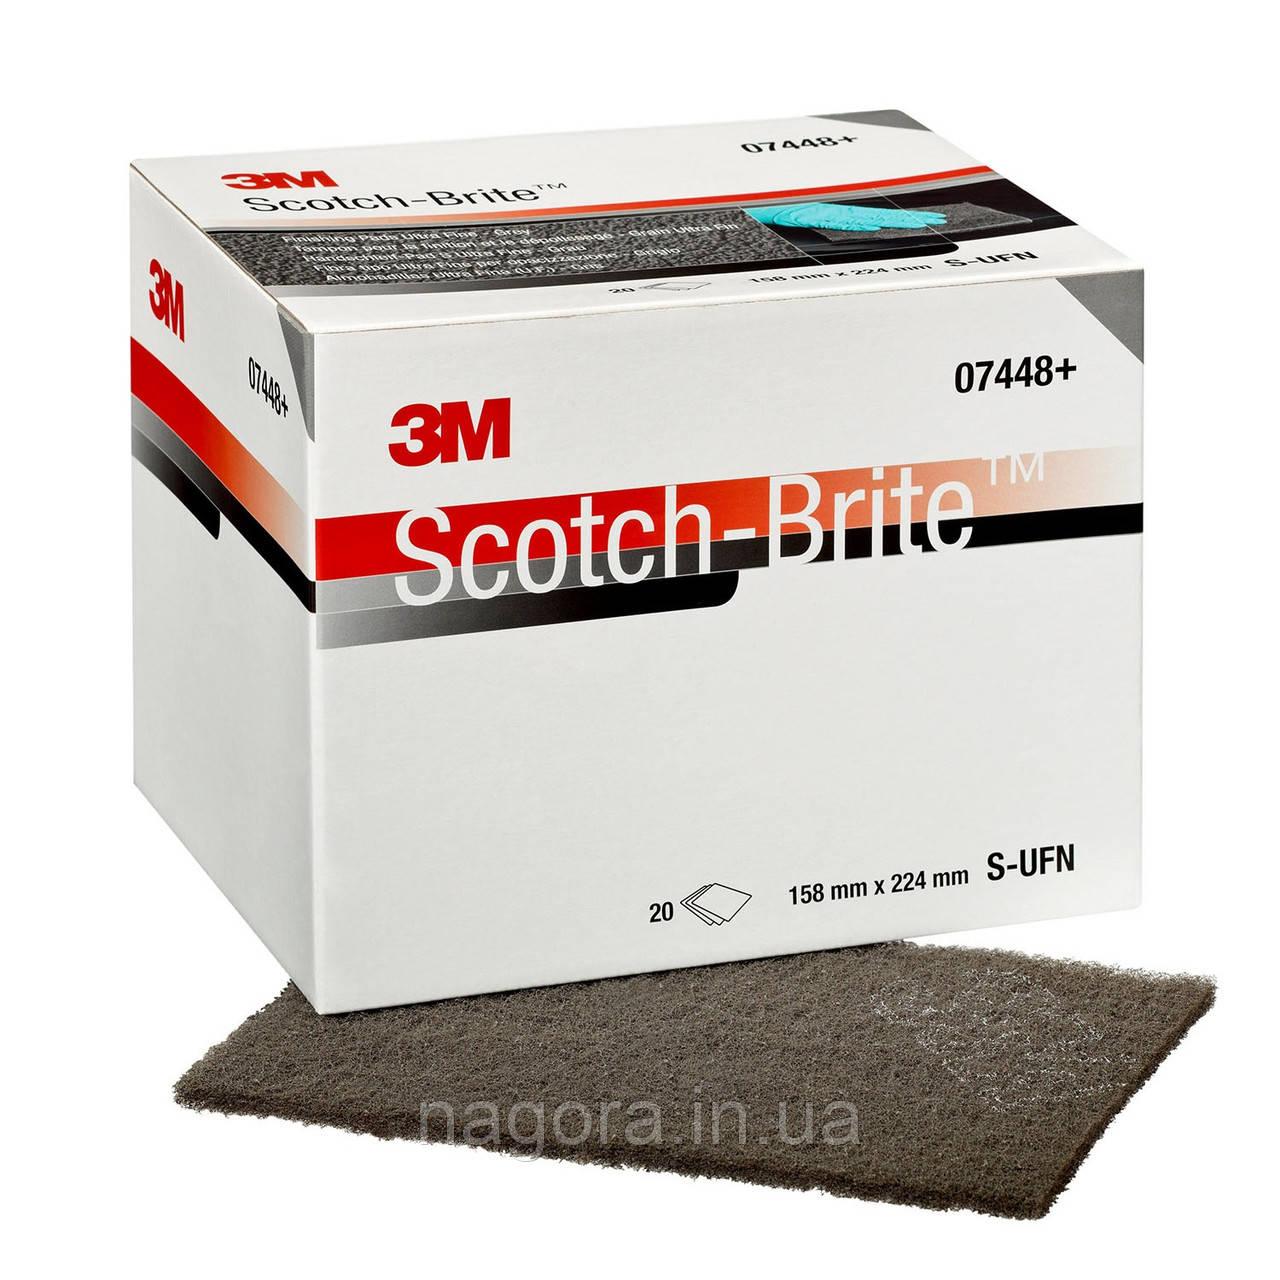 Абразивні листи 3M 158*224мм S-UFN сірий Scotch-Brite